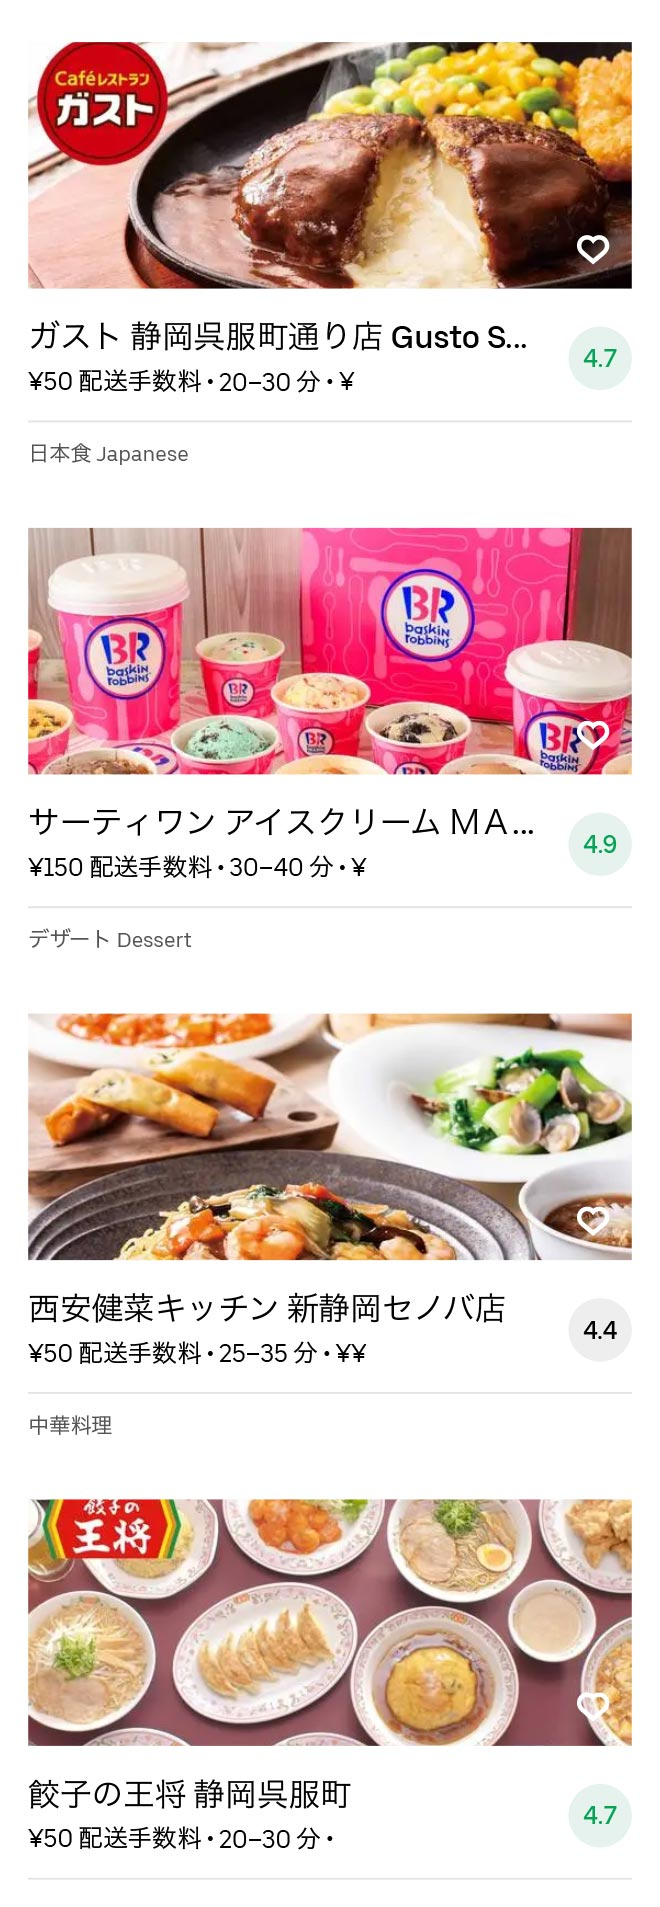 Shizuoka menu 2010 11